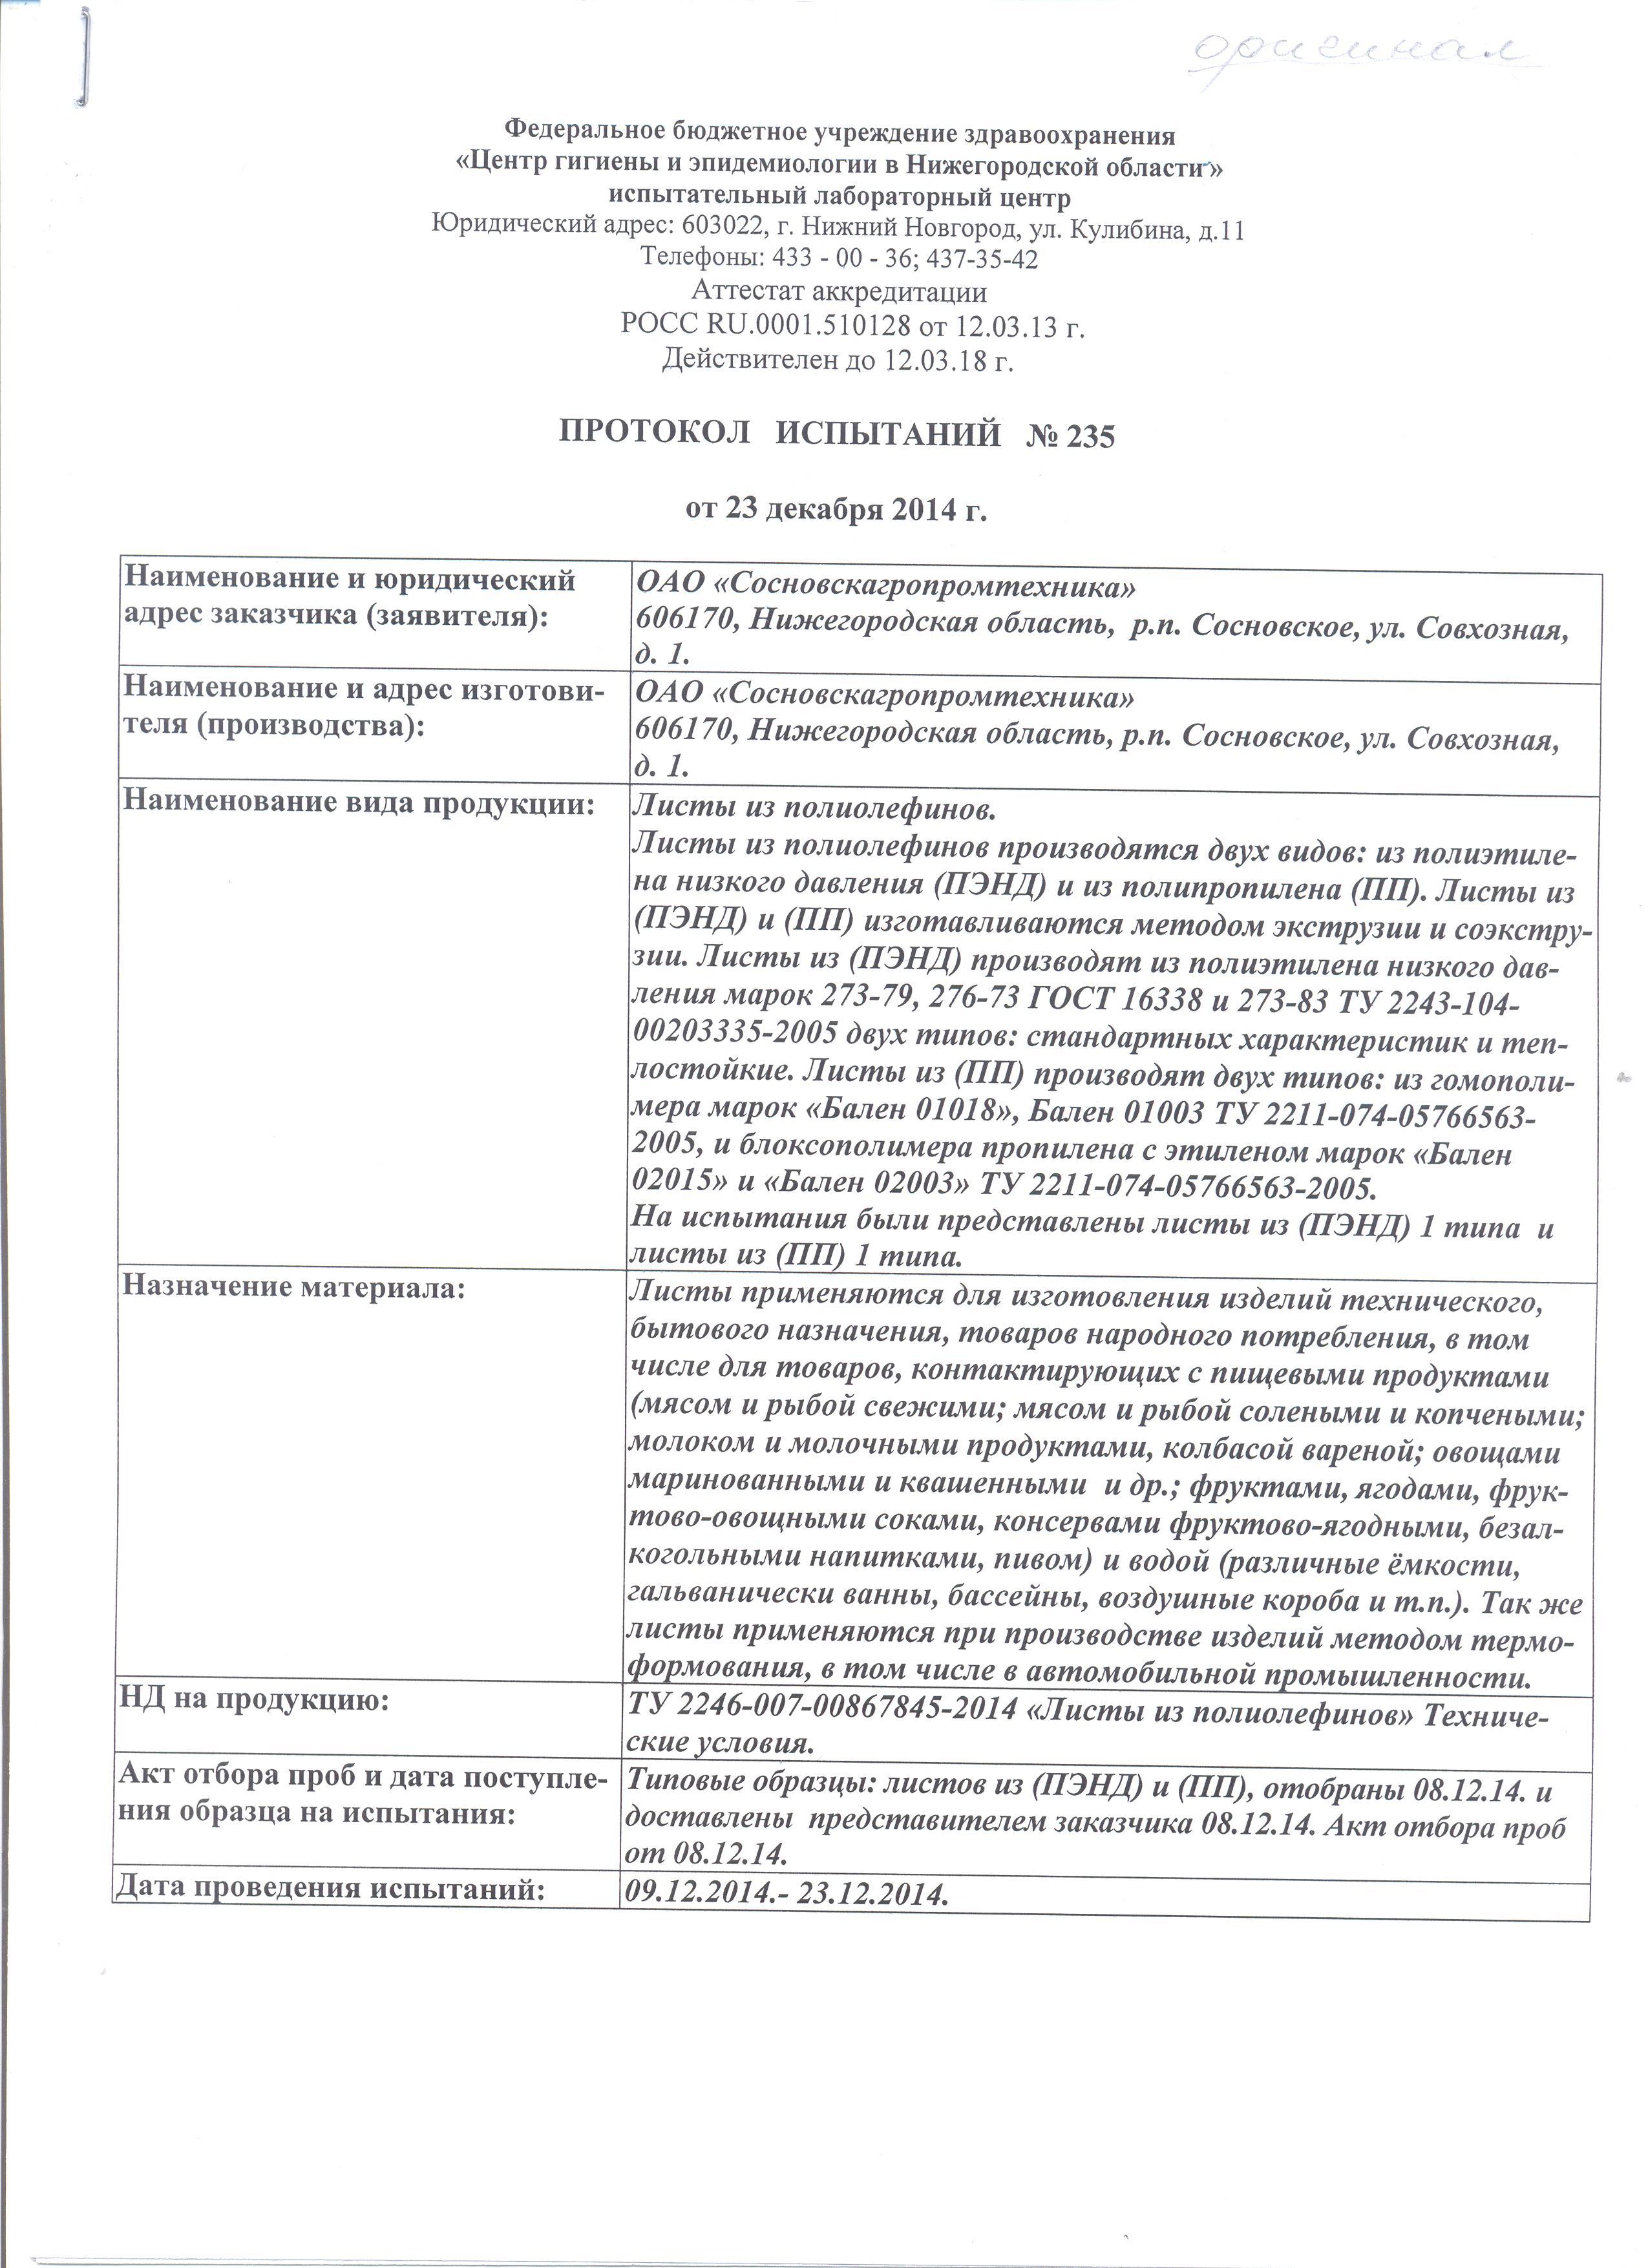 Protokol-ispytanij-1-list